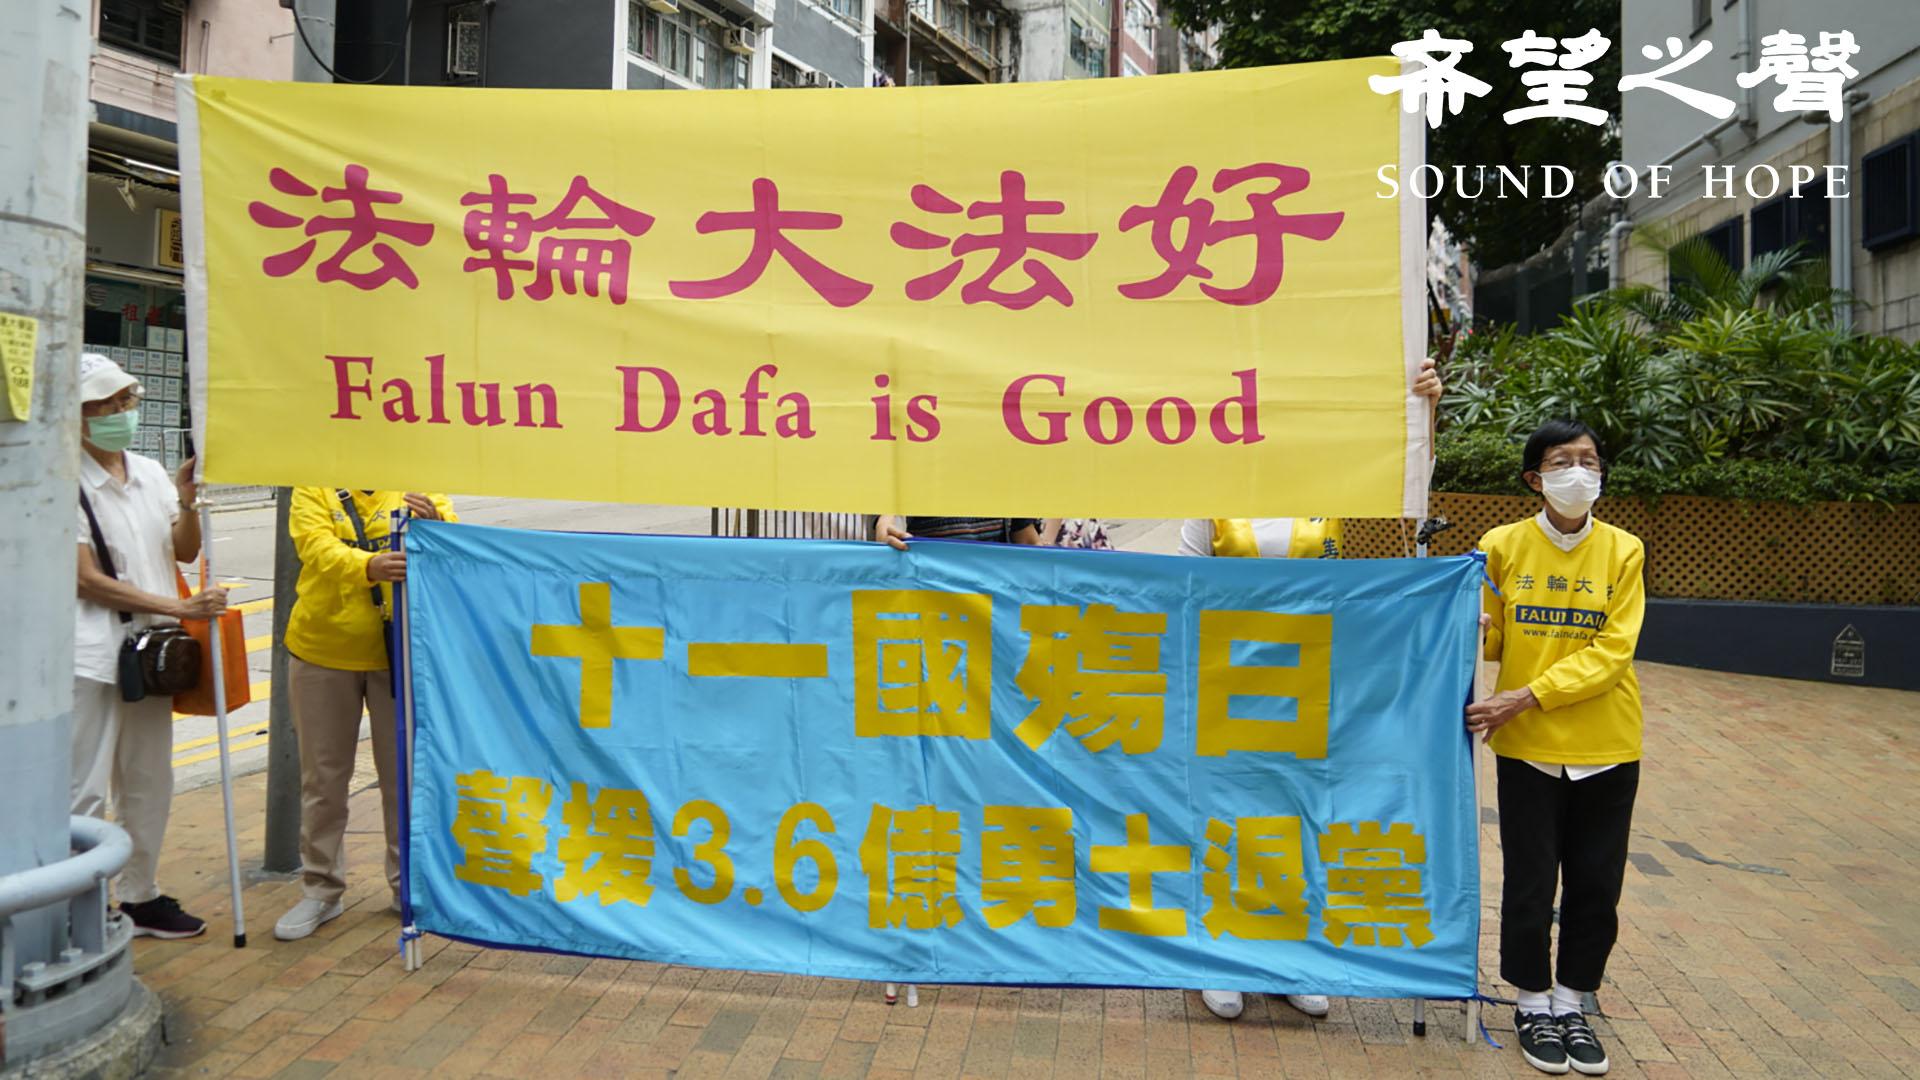 香港法輪功學員聲援3.6億人退出中共黨團隊組織。(鄭銘/SOH)